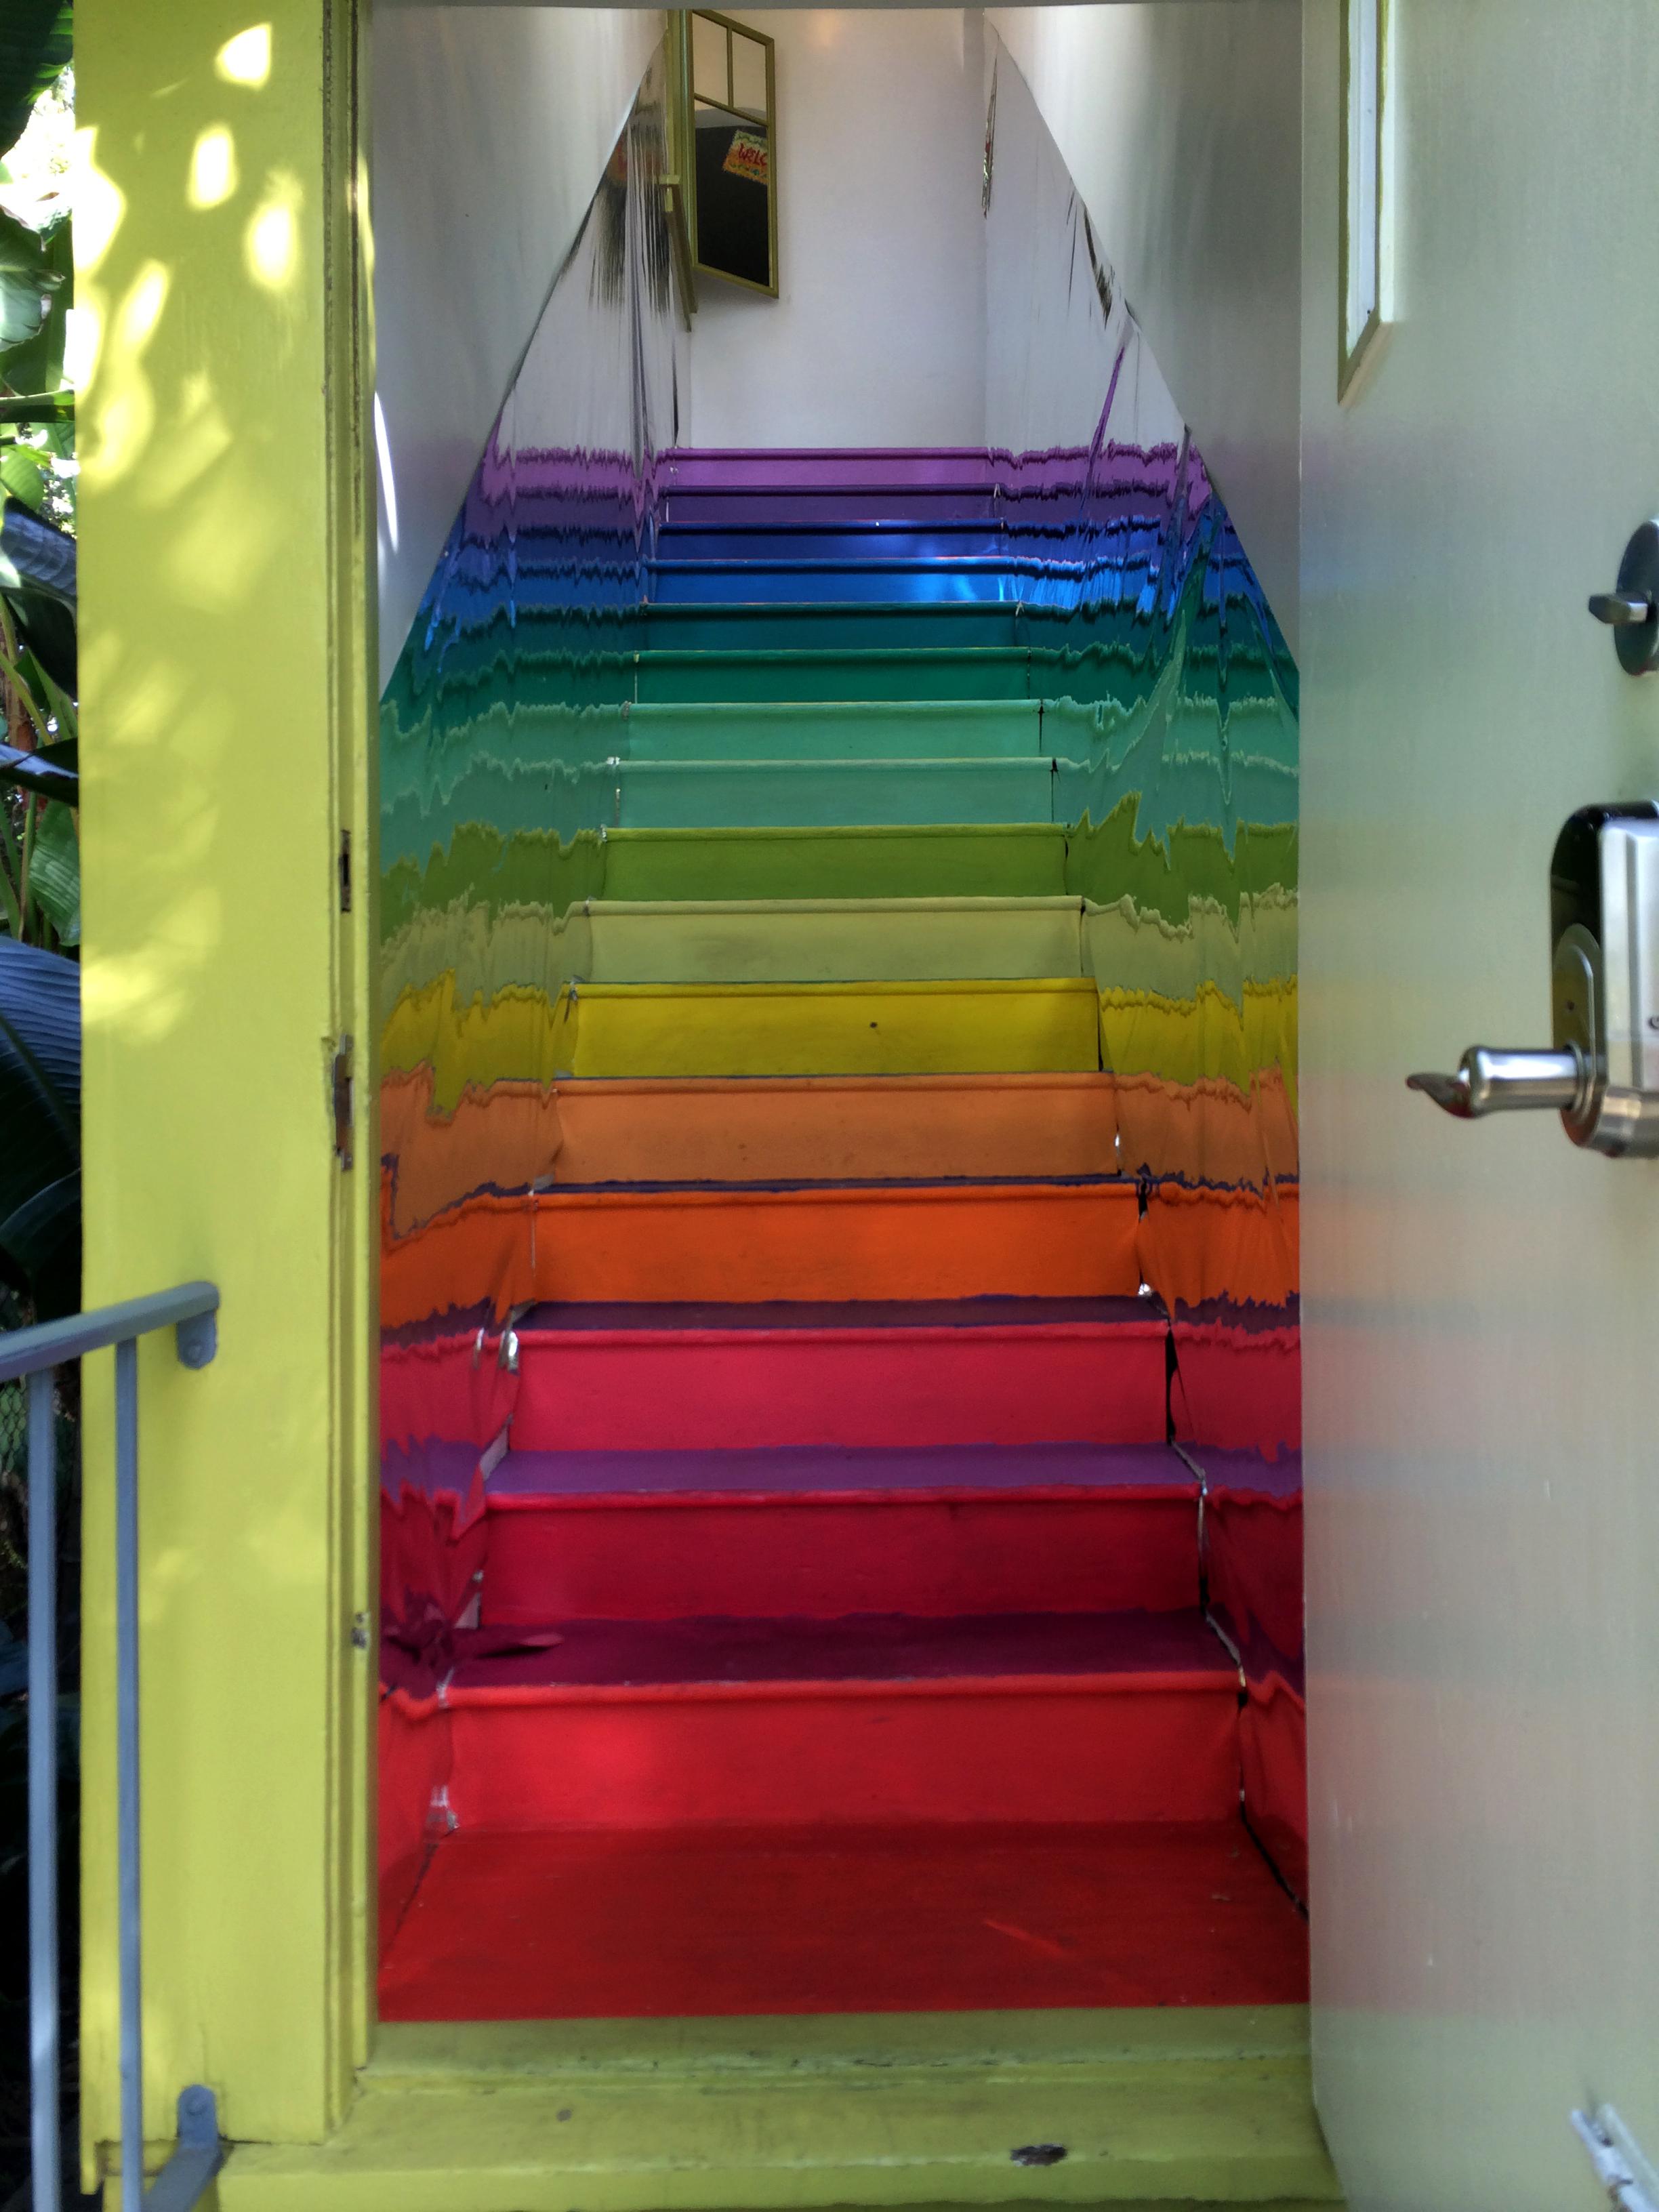 rainbow stairs.jpg